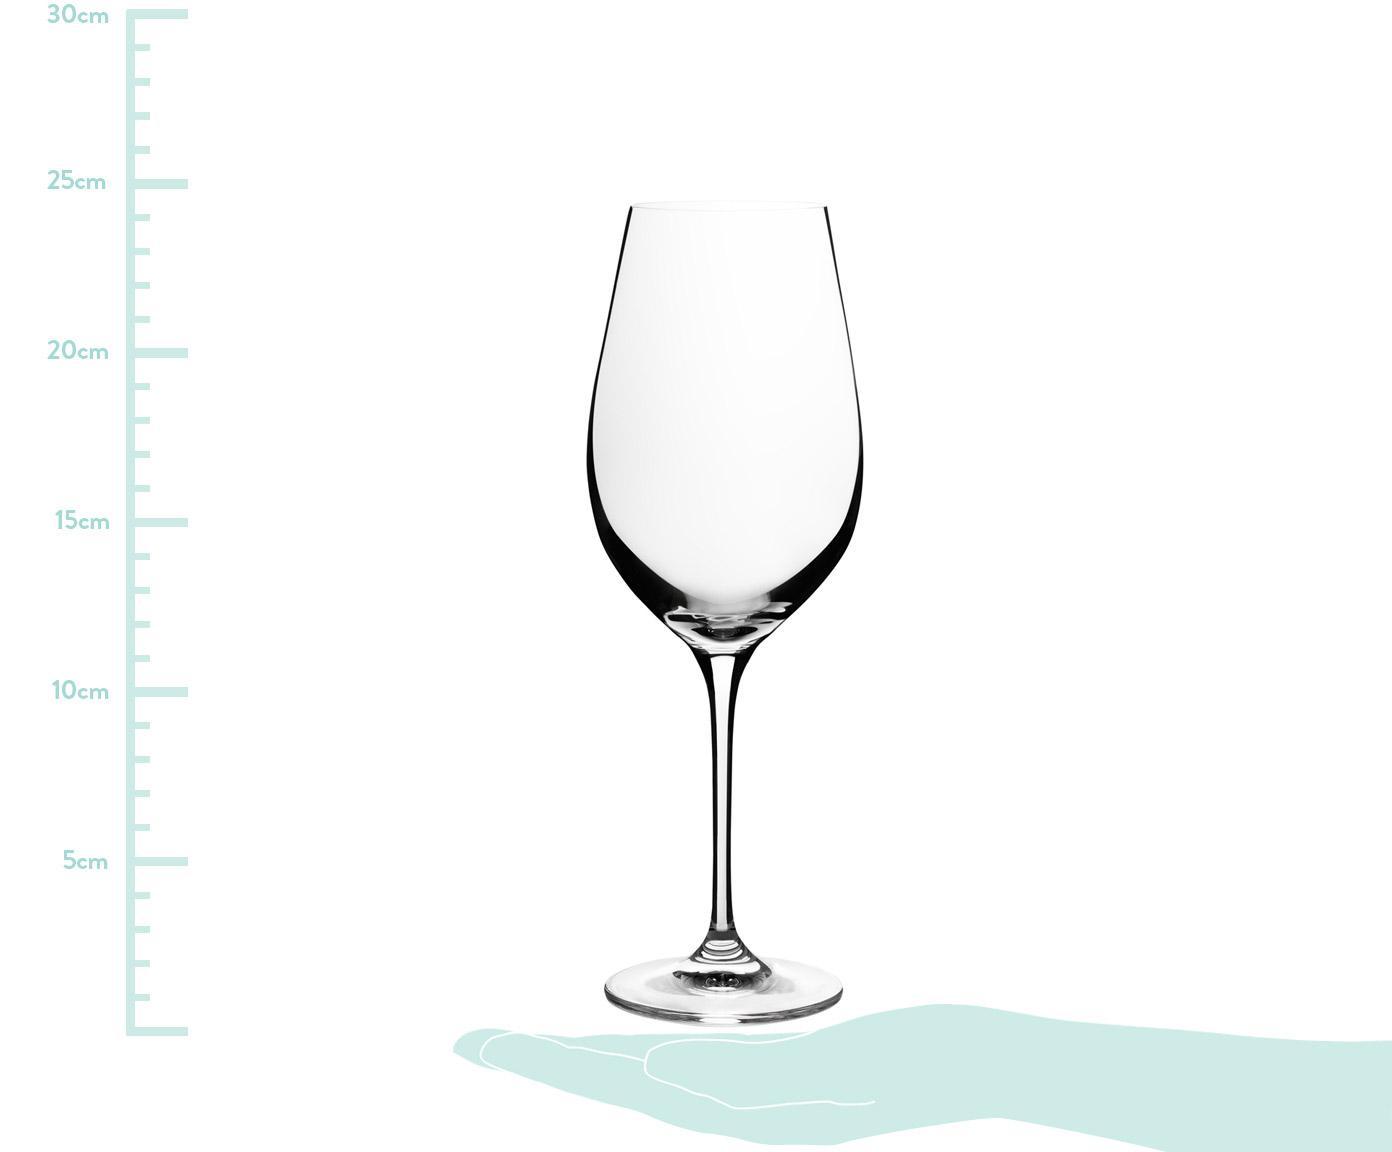 Kristallen rode wijnglazen Harmony, 6 stuks, Edele glans - het kristalglas breekt het licht en dit creëert een sprankelend effect, waardoor elk wijnglas als een bijzonder moment kan worden ervaren., Transparant, 490 ml